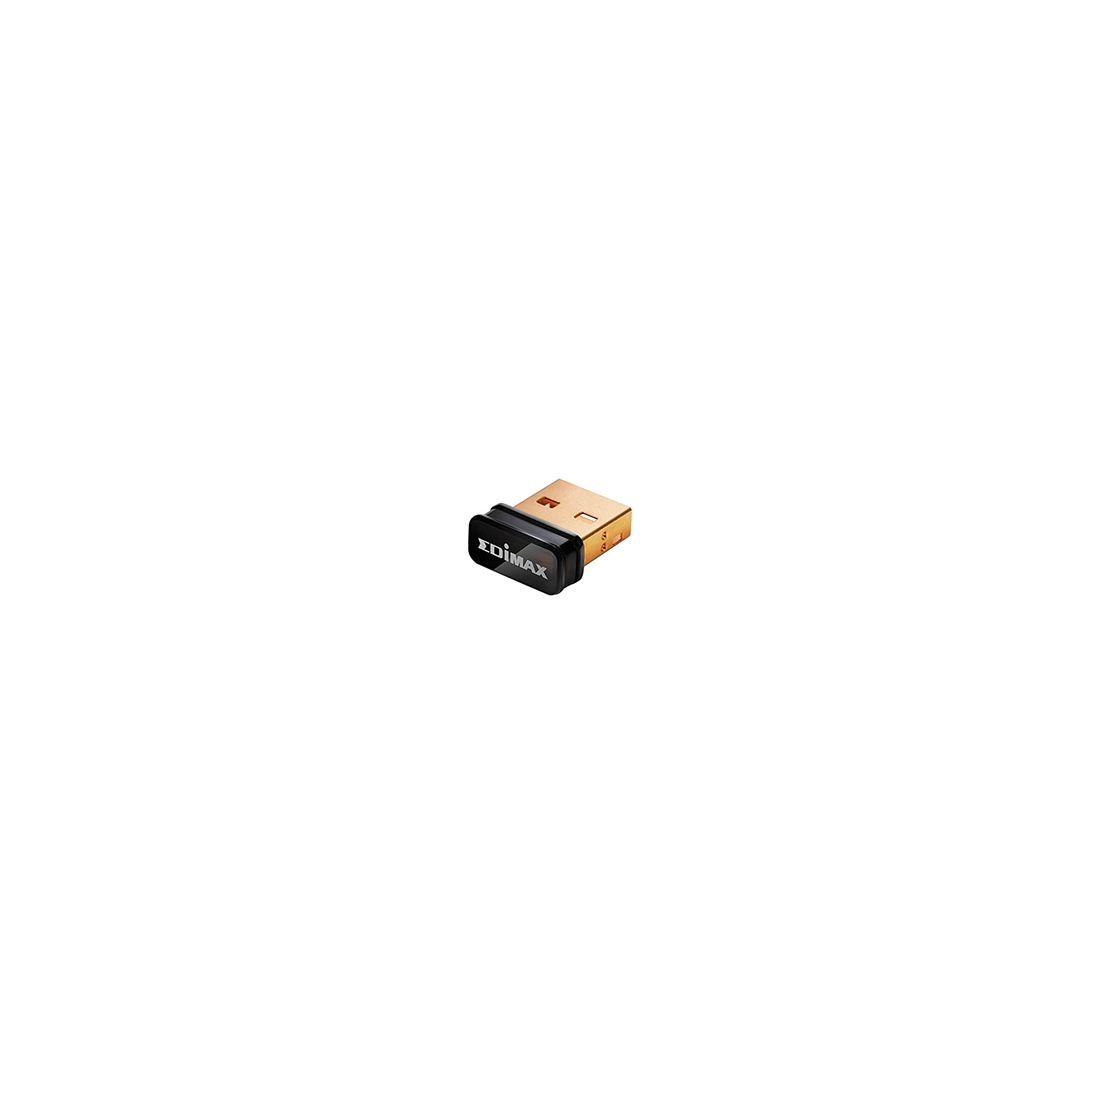 Edimax EW 7811UN V2 Tarje Red WiFi4 N150 Nano USB